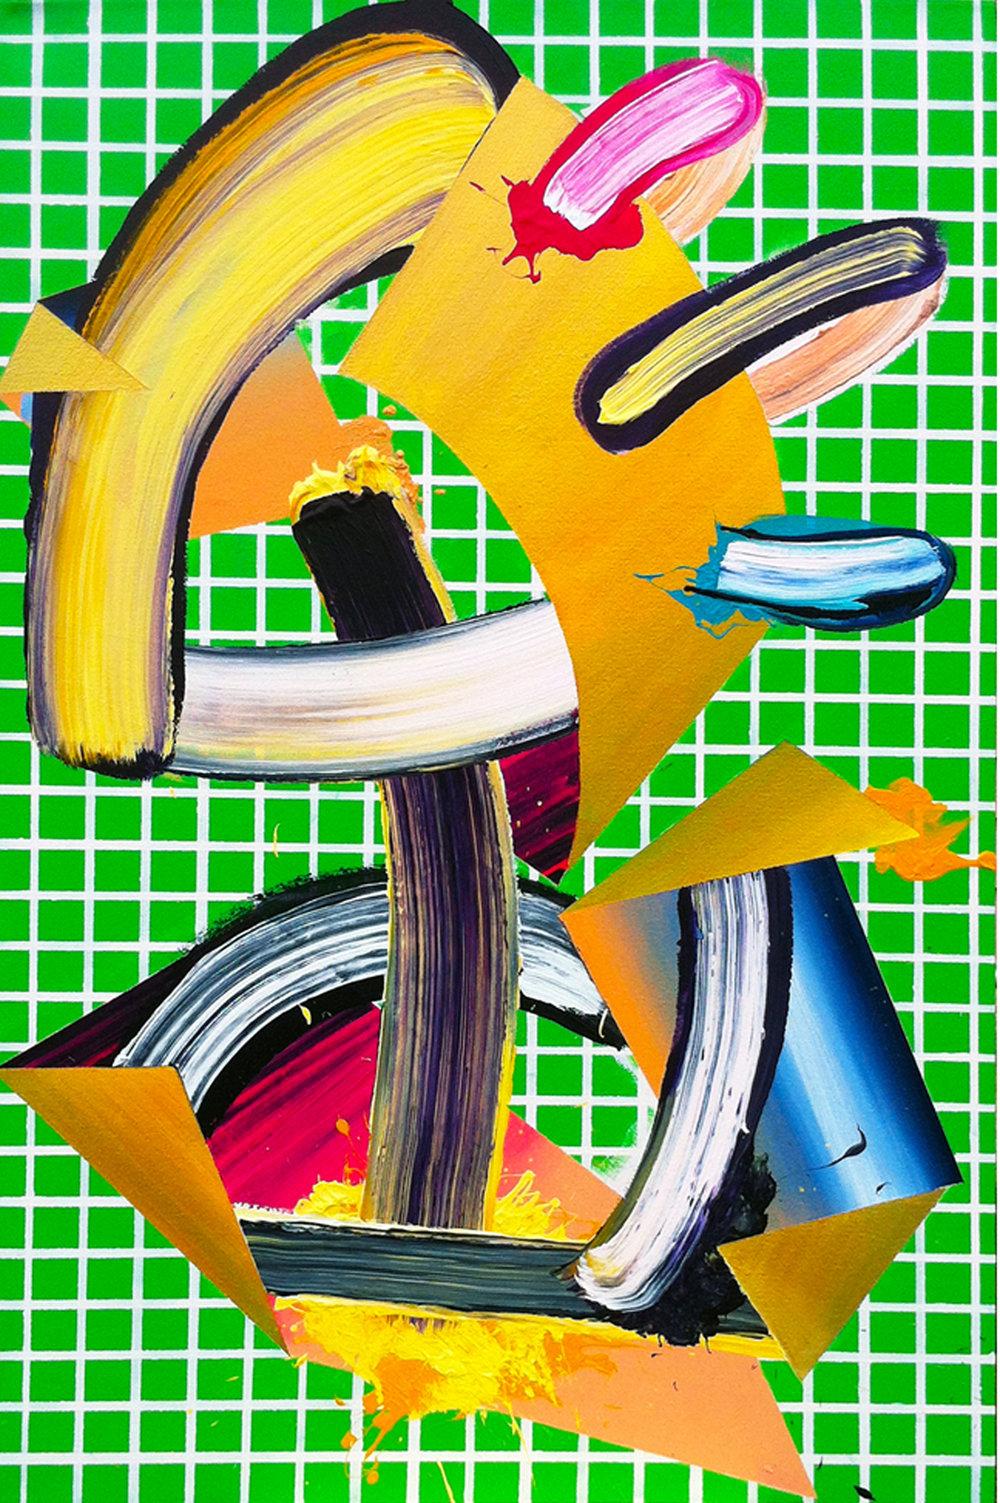 MattSheridan_CarryABigStick_Painting_50x34__2015_$2750.jpg